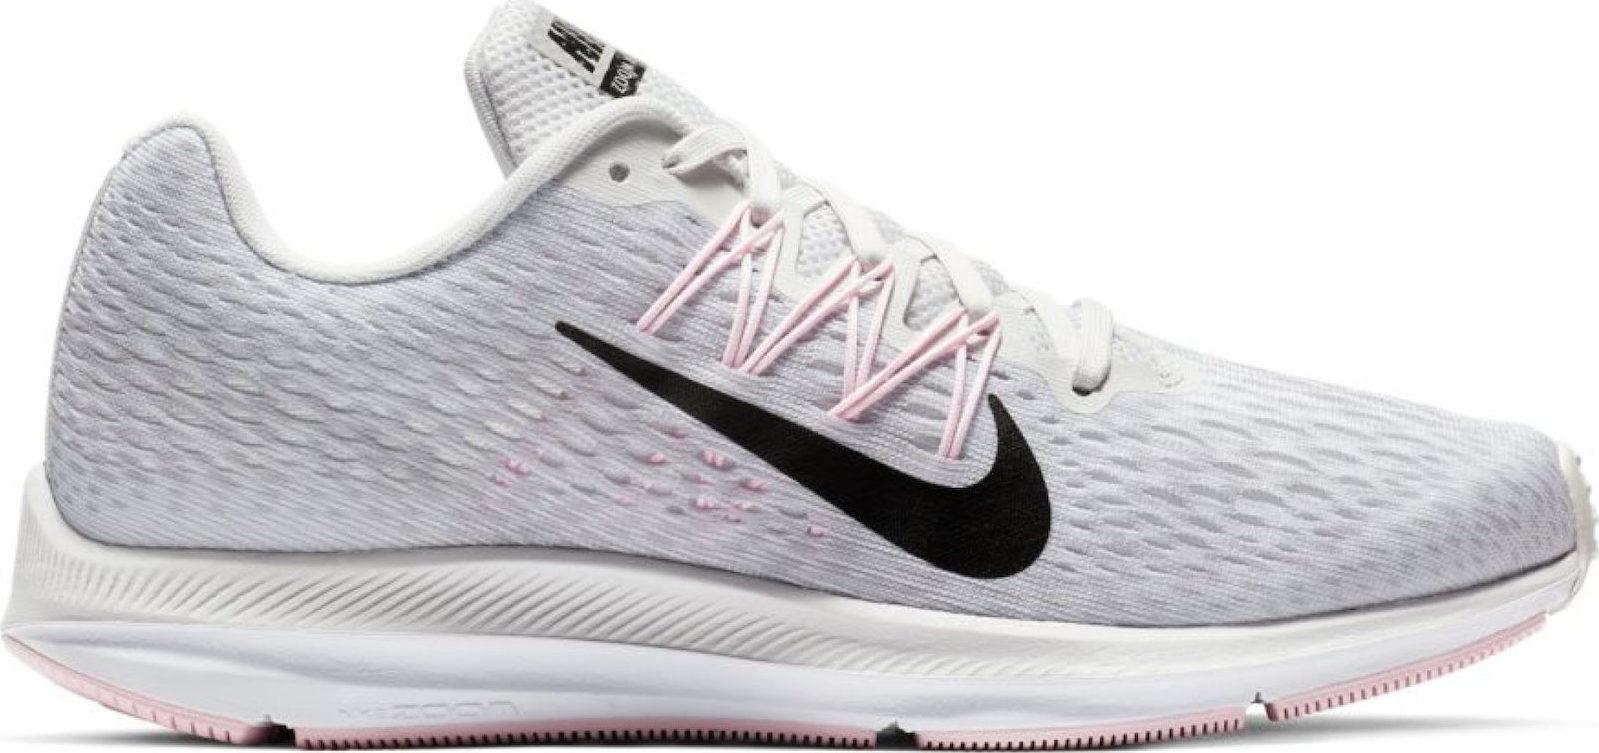 d47ea26bc70 Προσθήκη στα αγαπημένα menu Nike Air Zoom Winflo 5